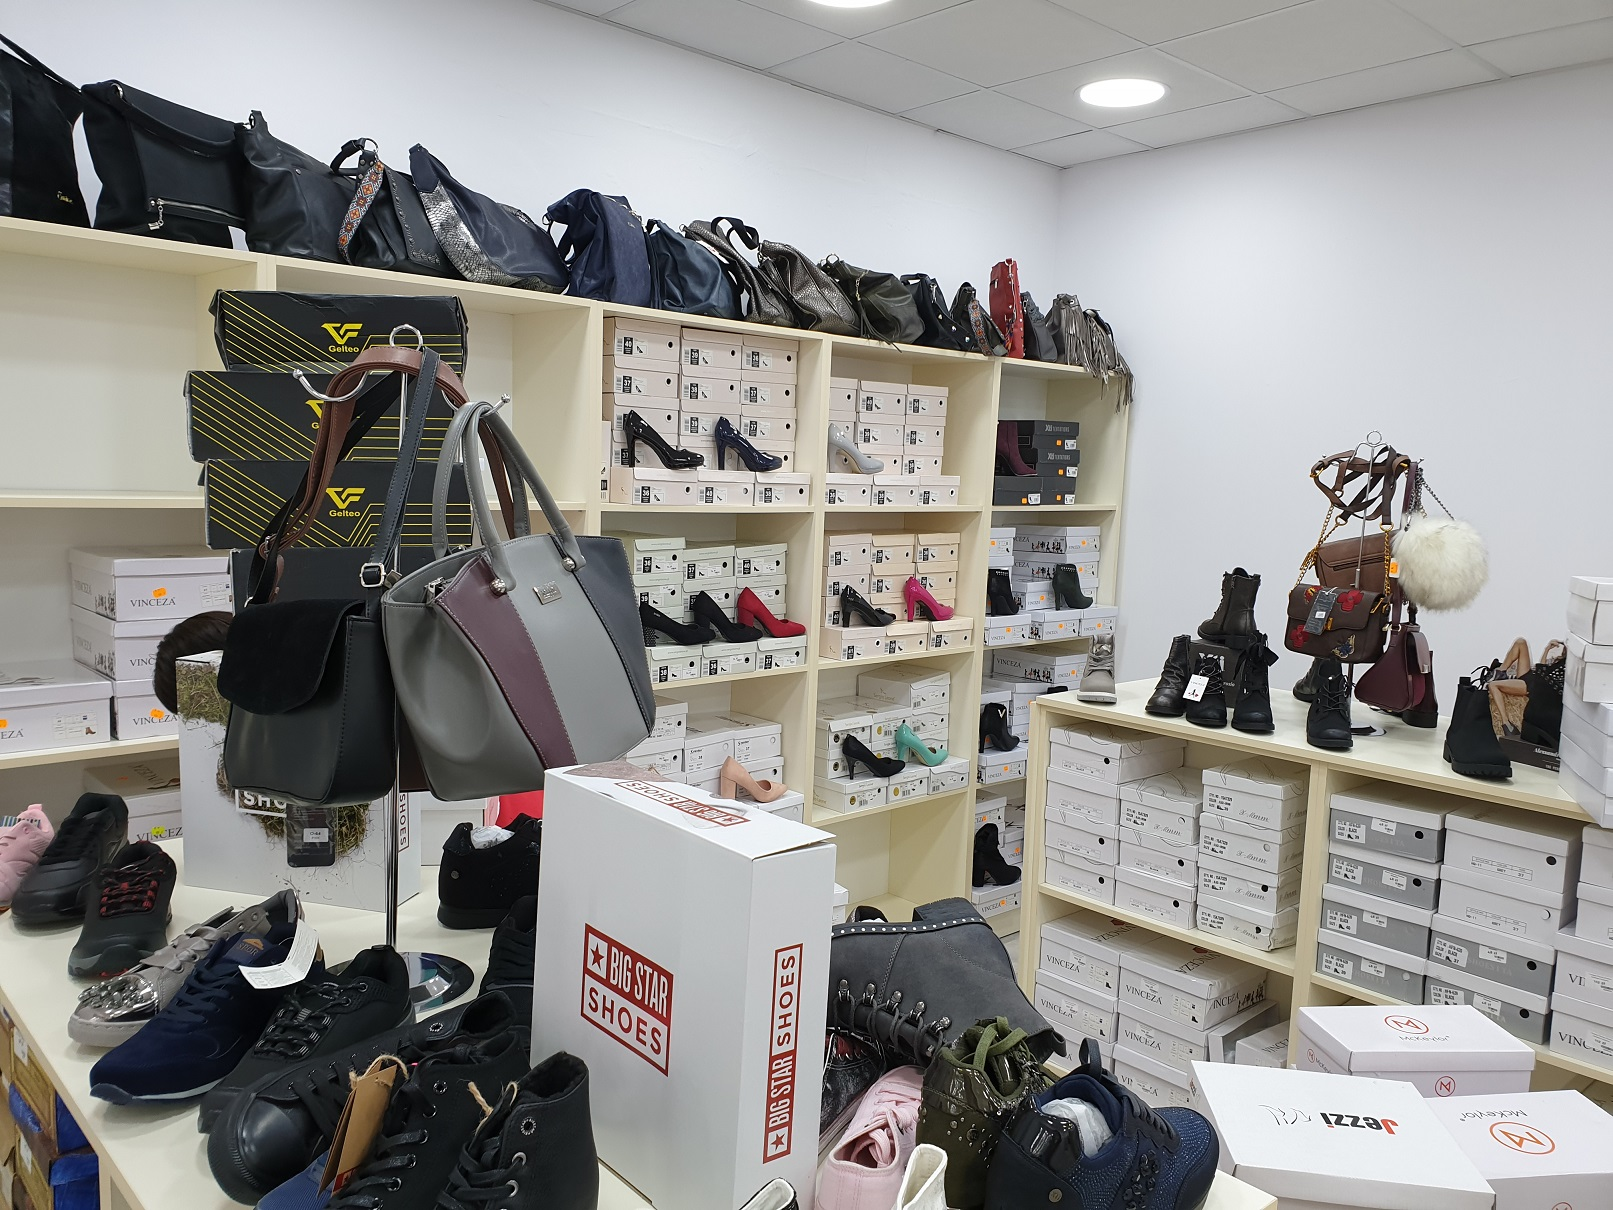 fd572cb5 Otwarcie nowego sklepu obuwniczego - Moje Wronki - informacje i ...